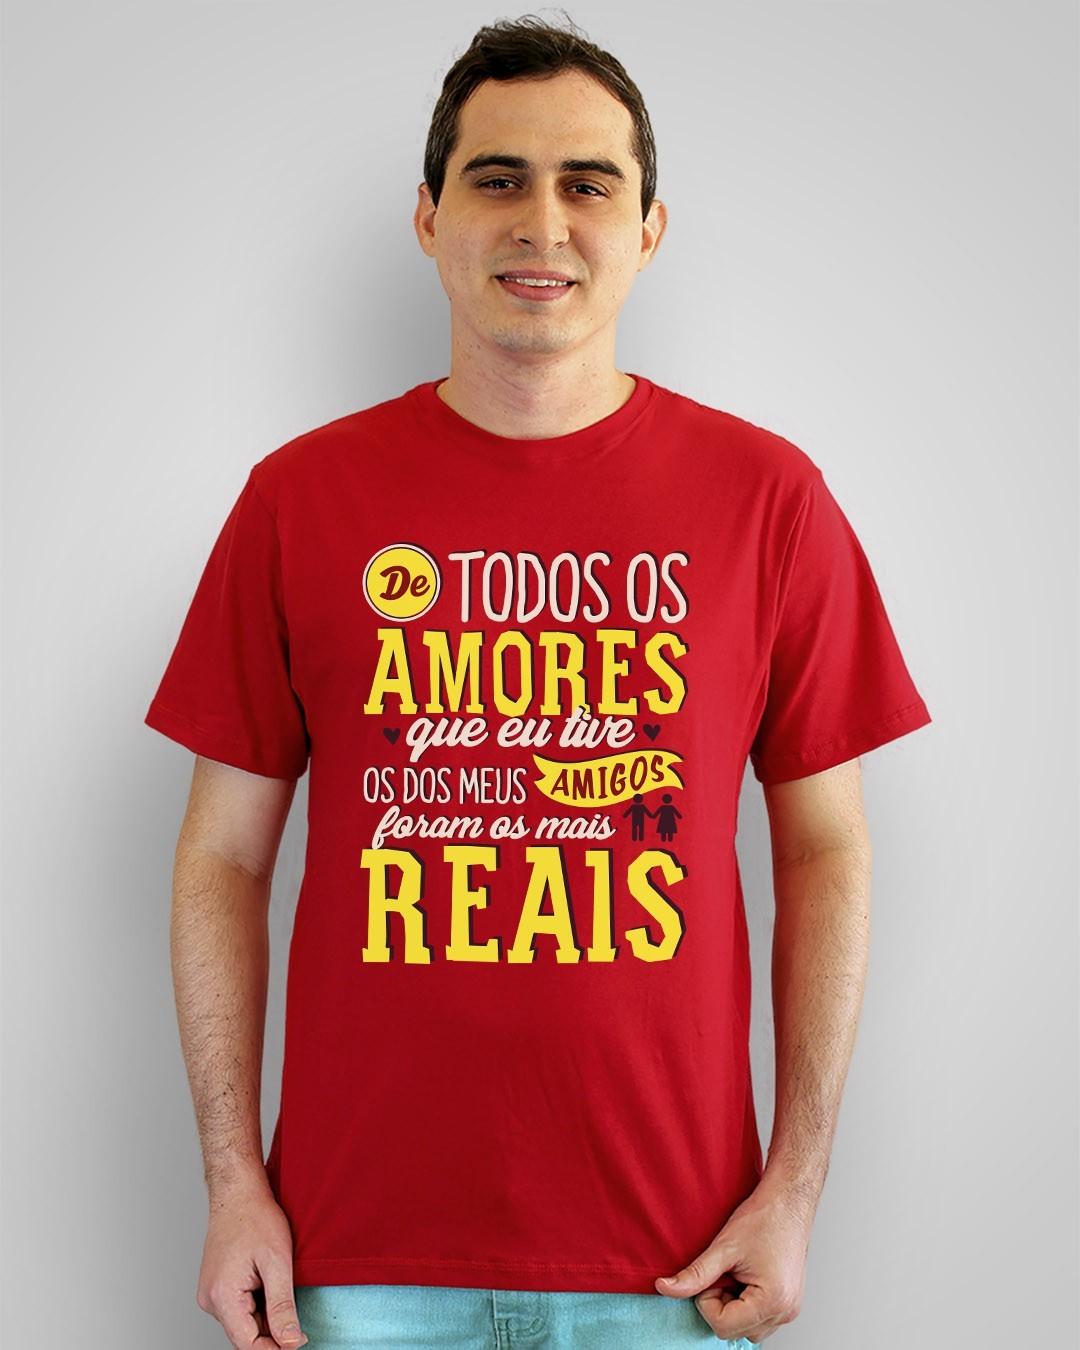 Camiseta De todos os amores que eu tive, os dos meus amigos foram os mais reais